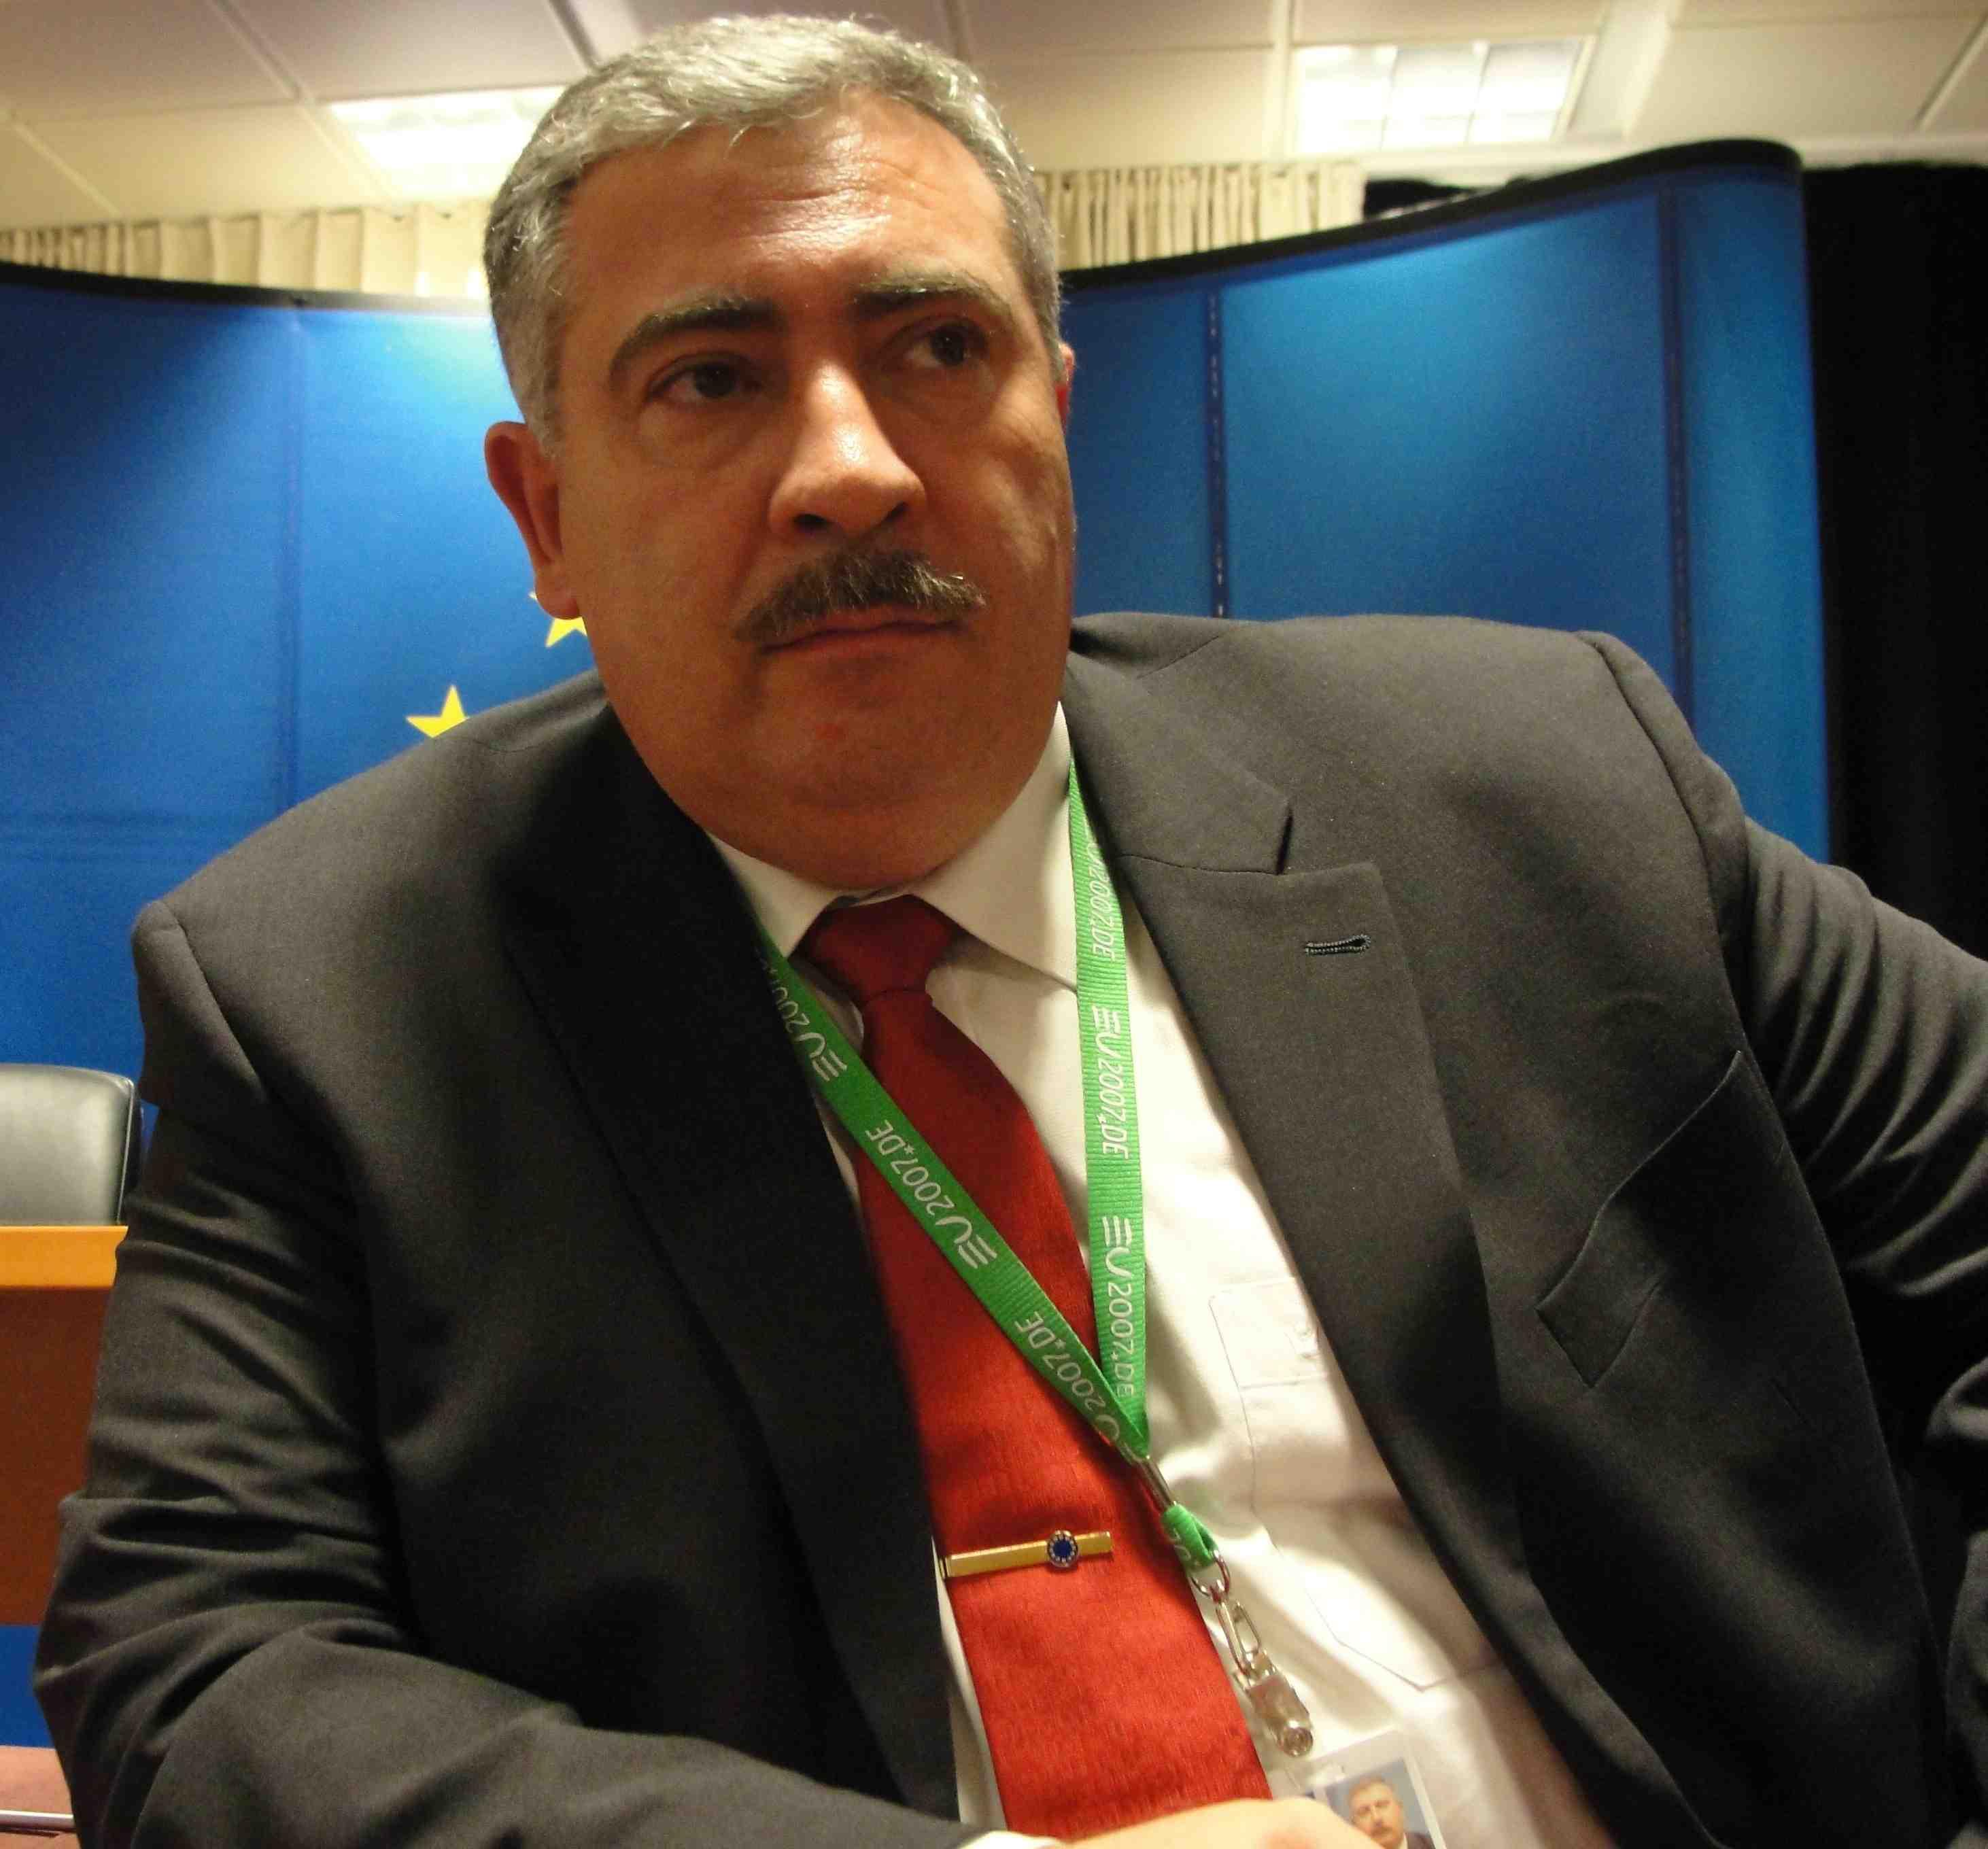 Entretien avec Adilio Custidio, chef de la mission Eupol Congo